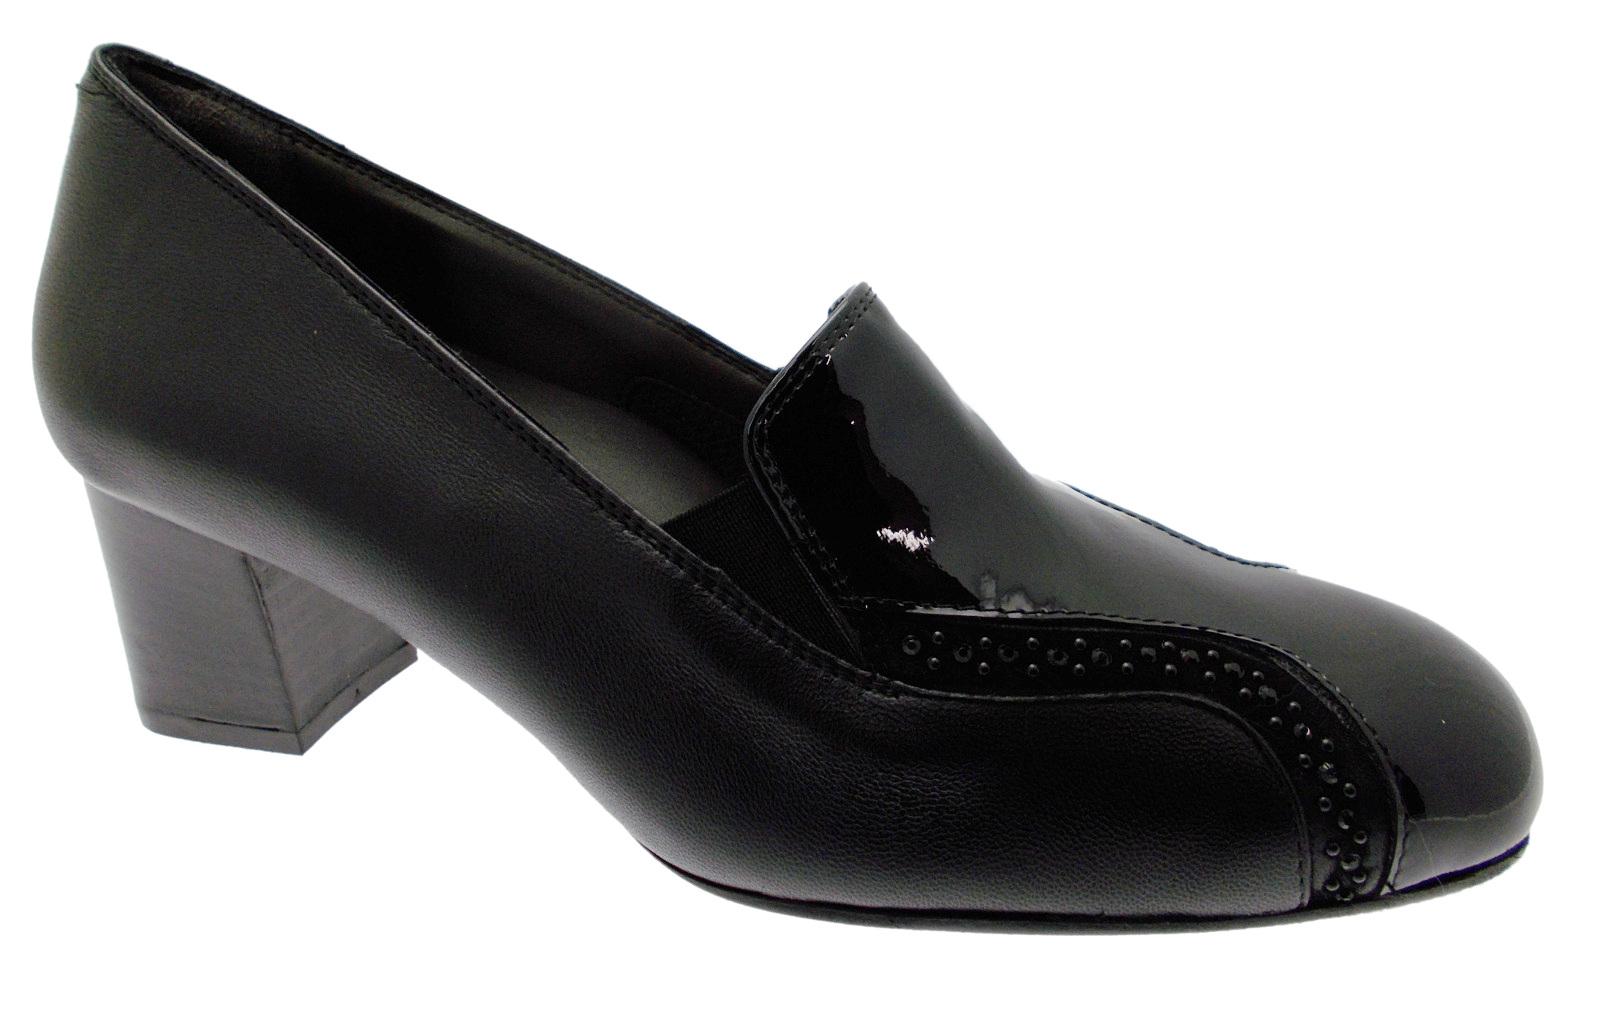 X5478  Accollato classico pantofolina pelle nera vernice Melluso